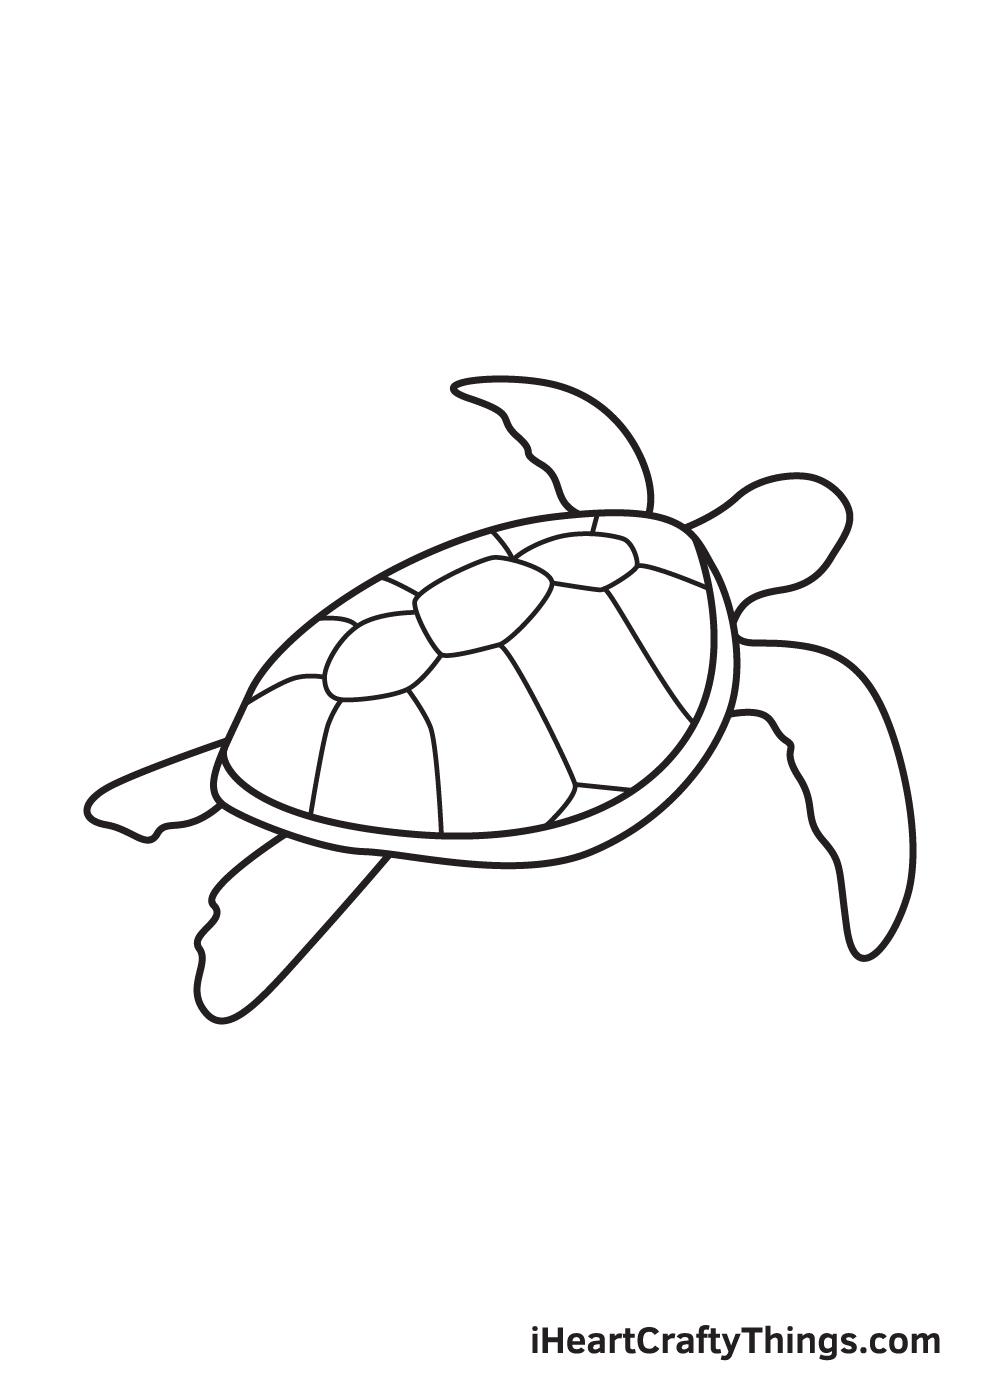 Vẽ rùa biển - Bước 8